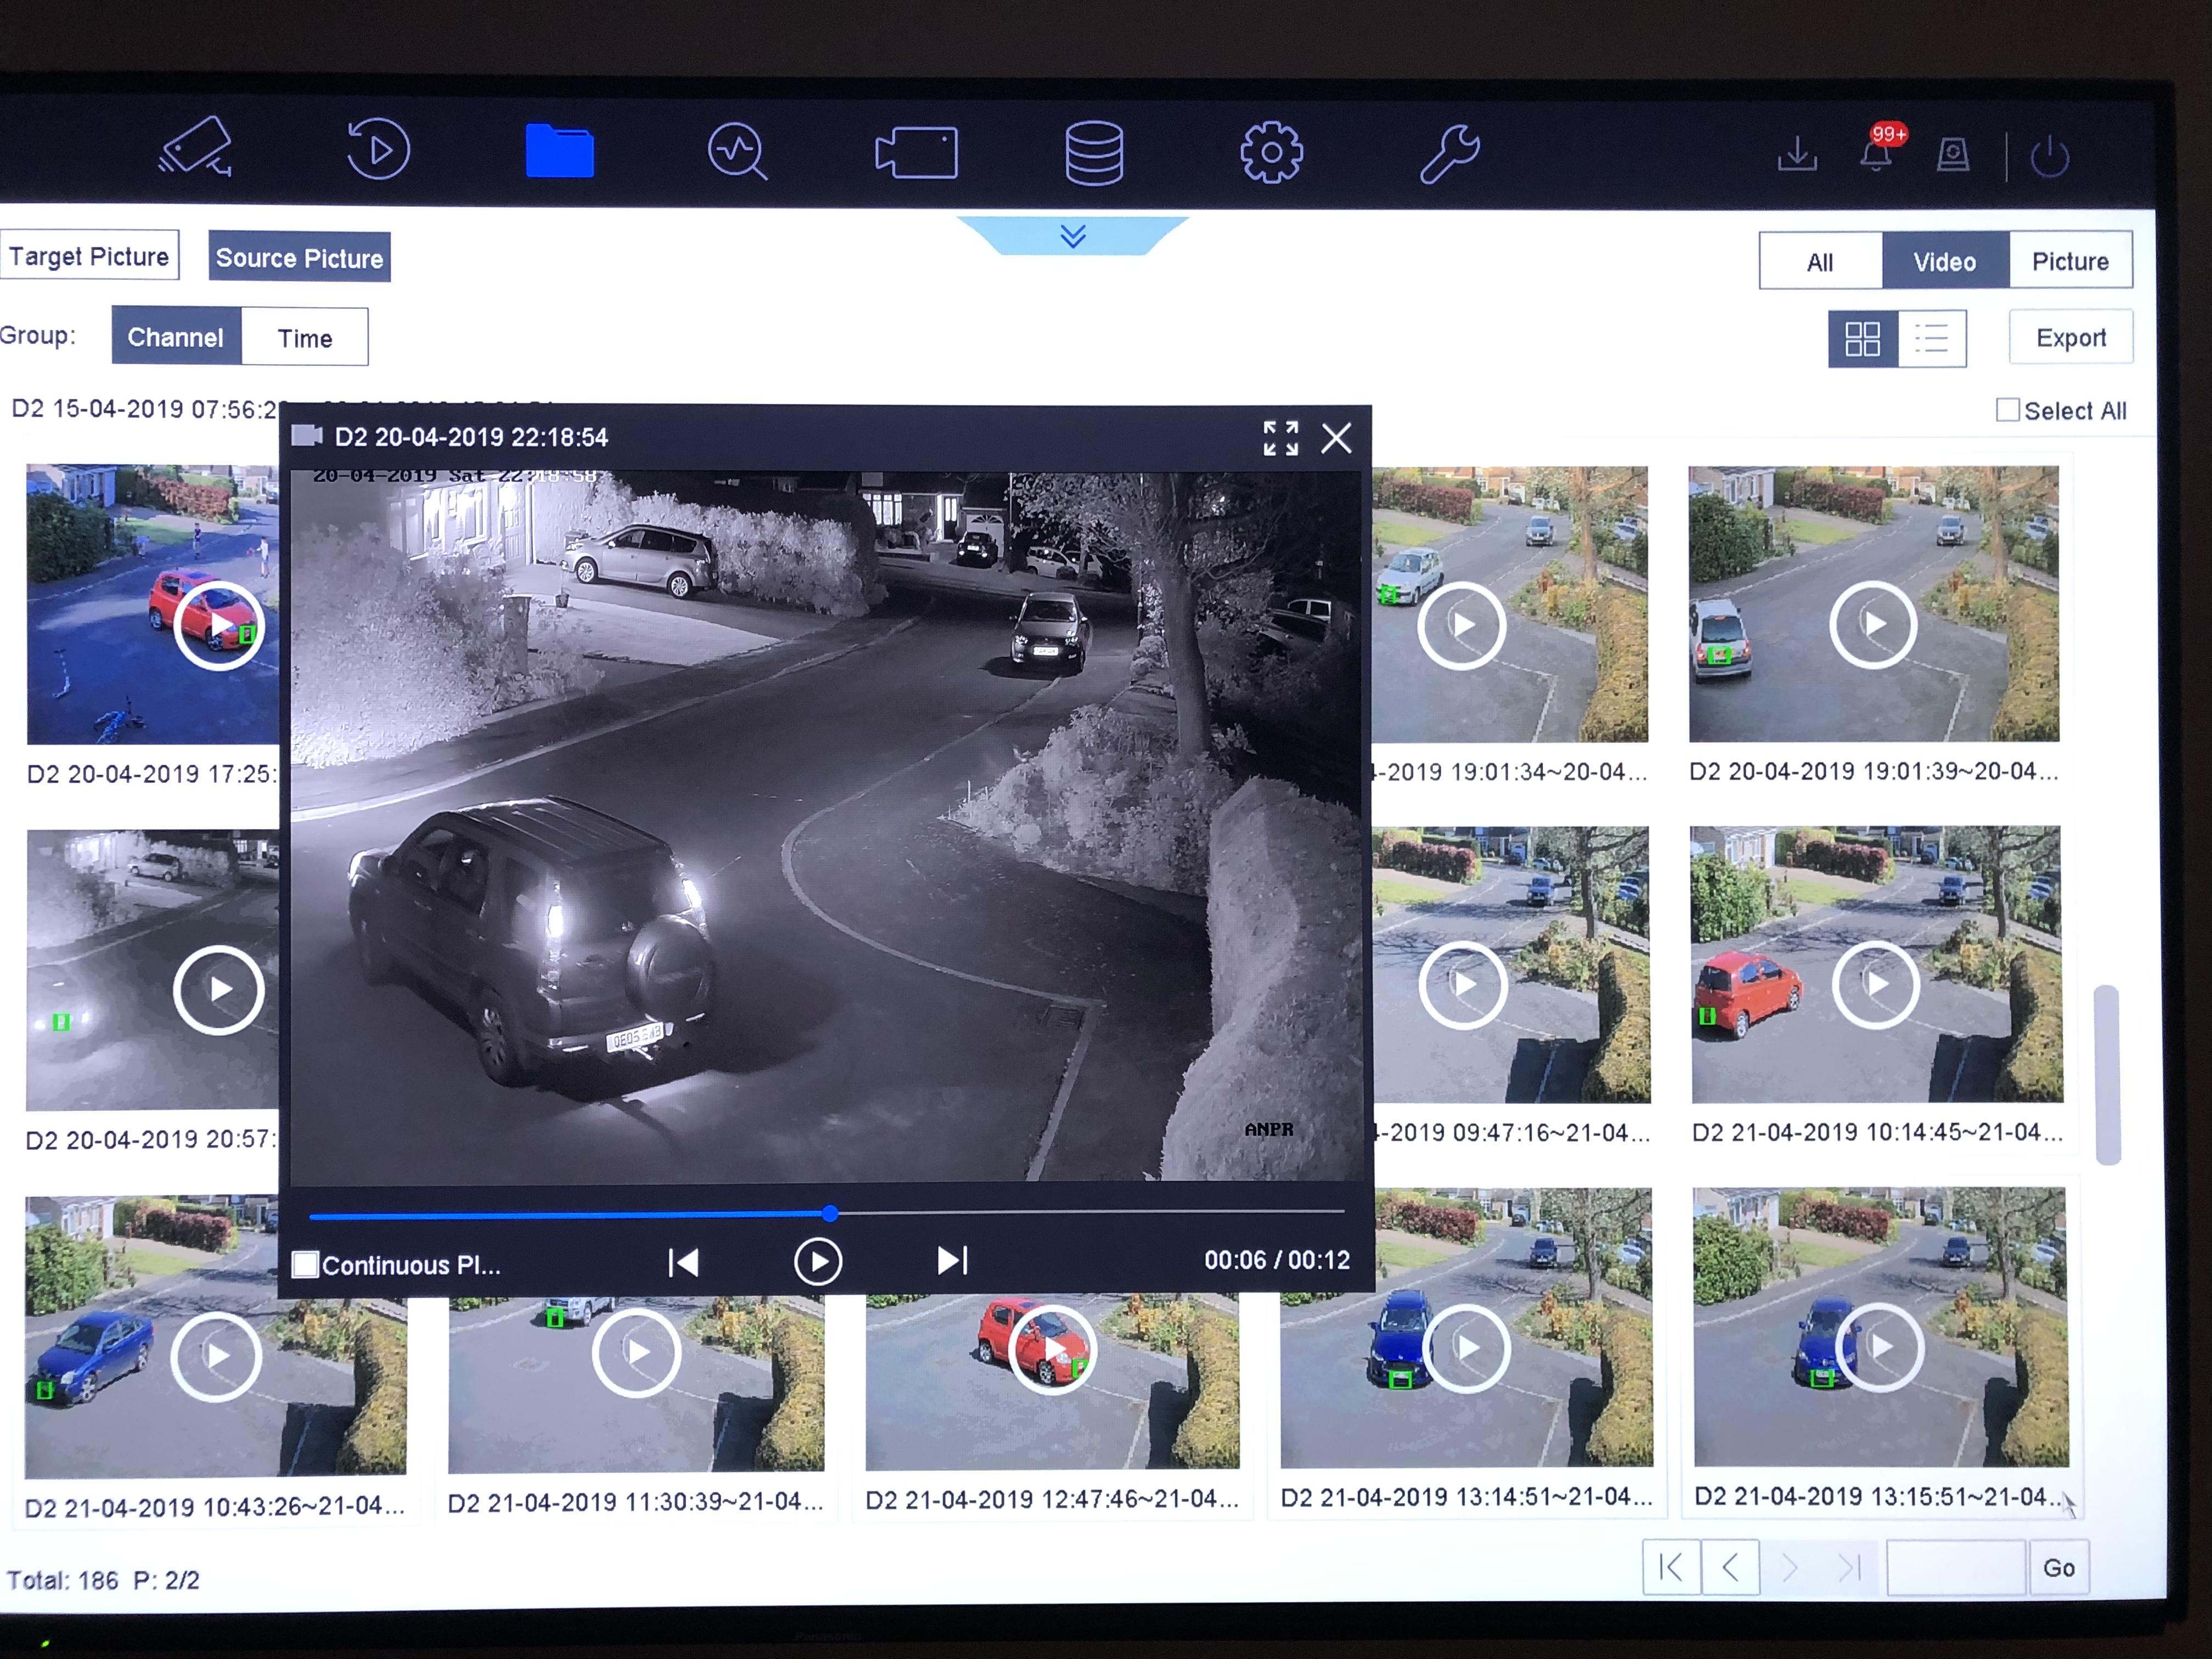 HIKVISION SMART ANPR CAMERA NOT READING REGS AT NIGHT | IP CCTV